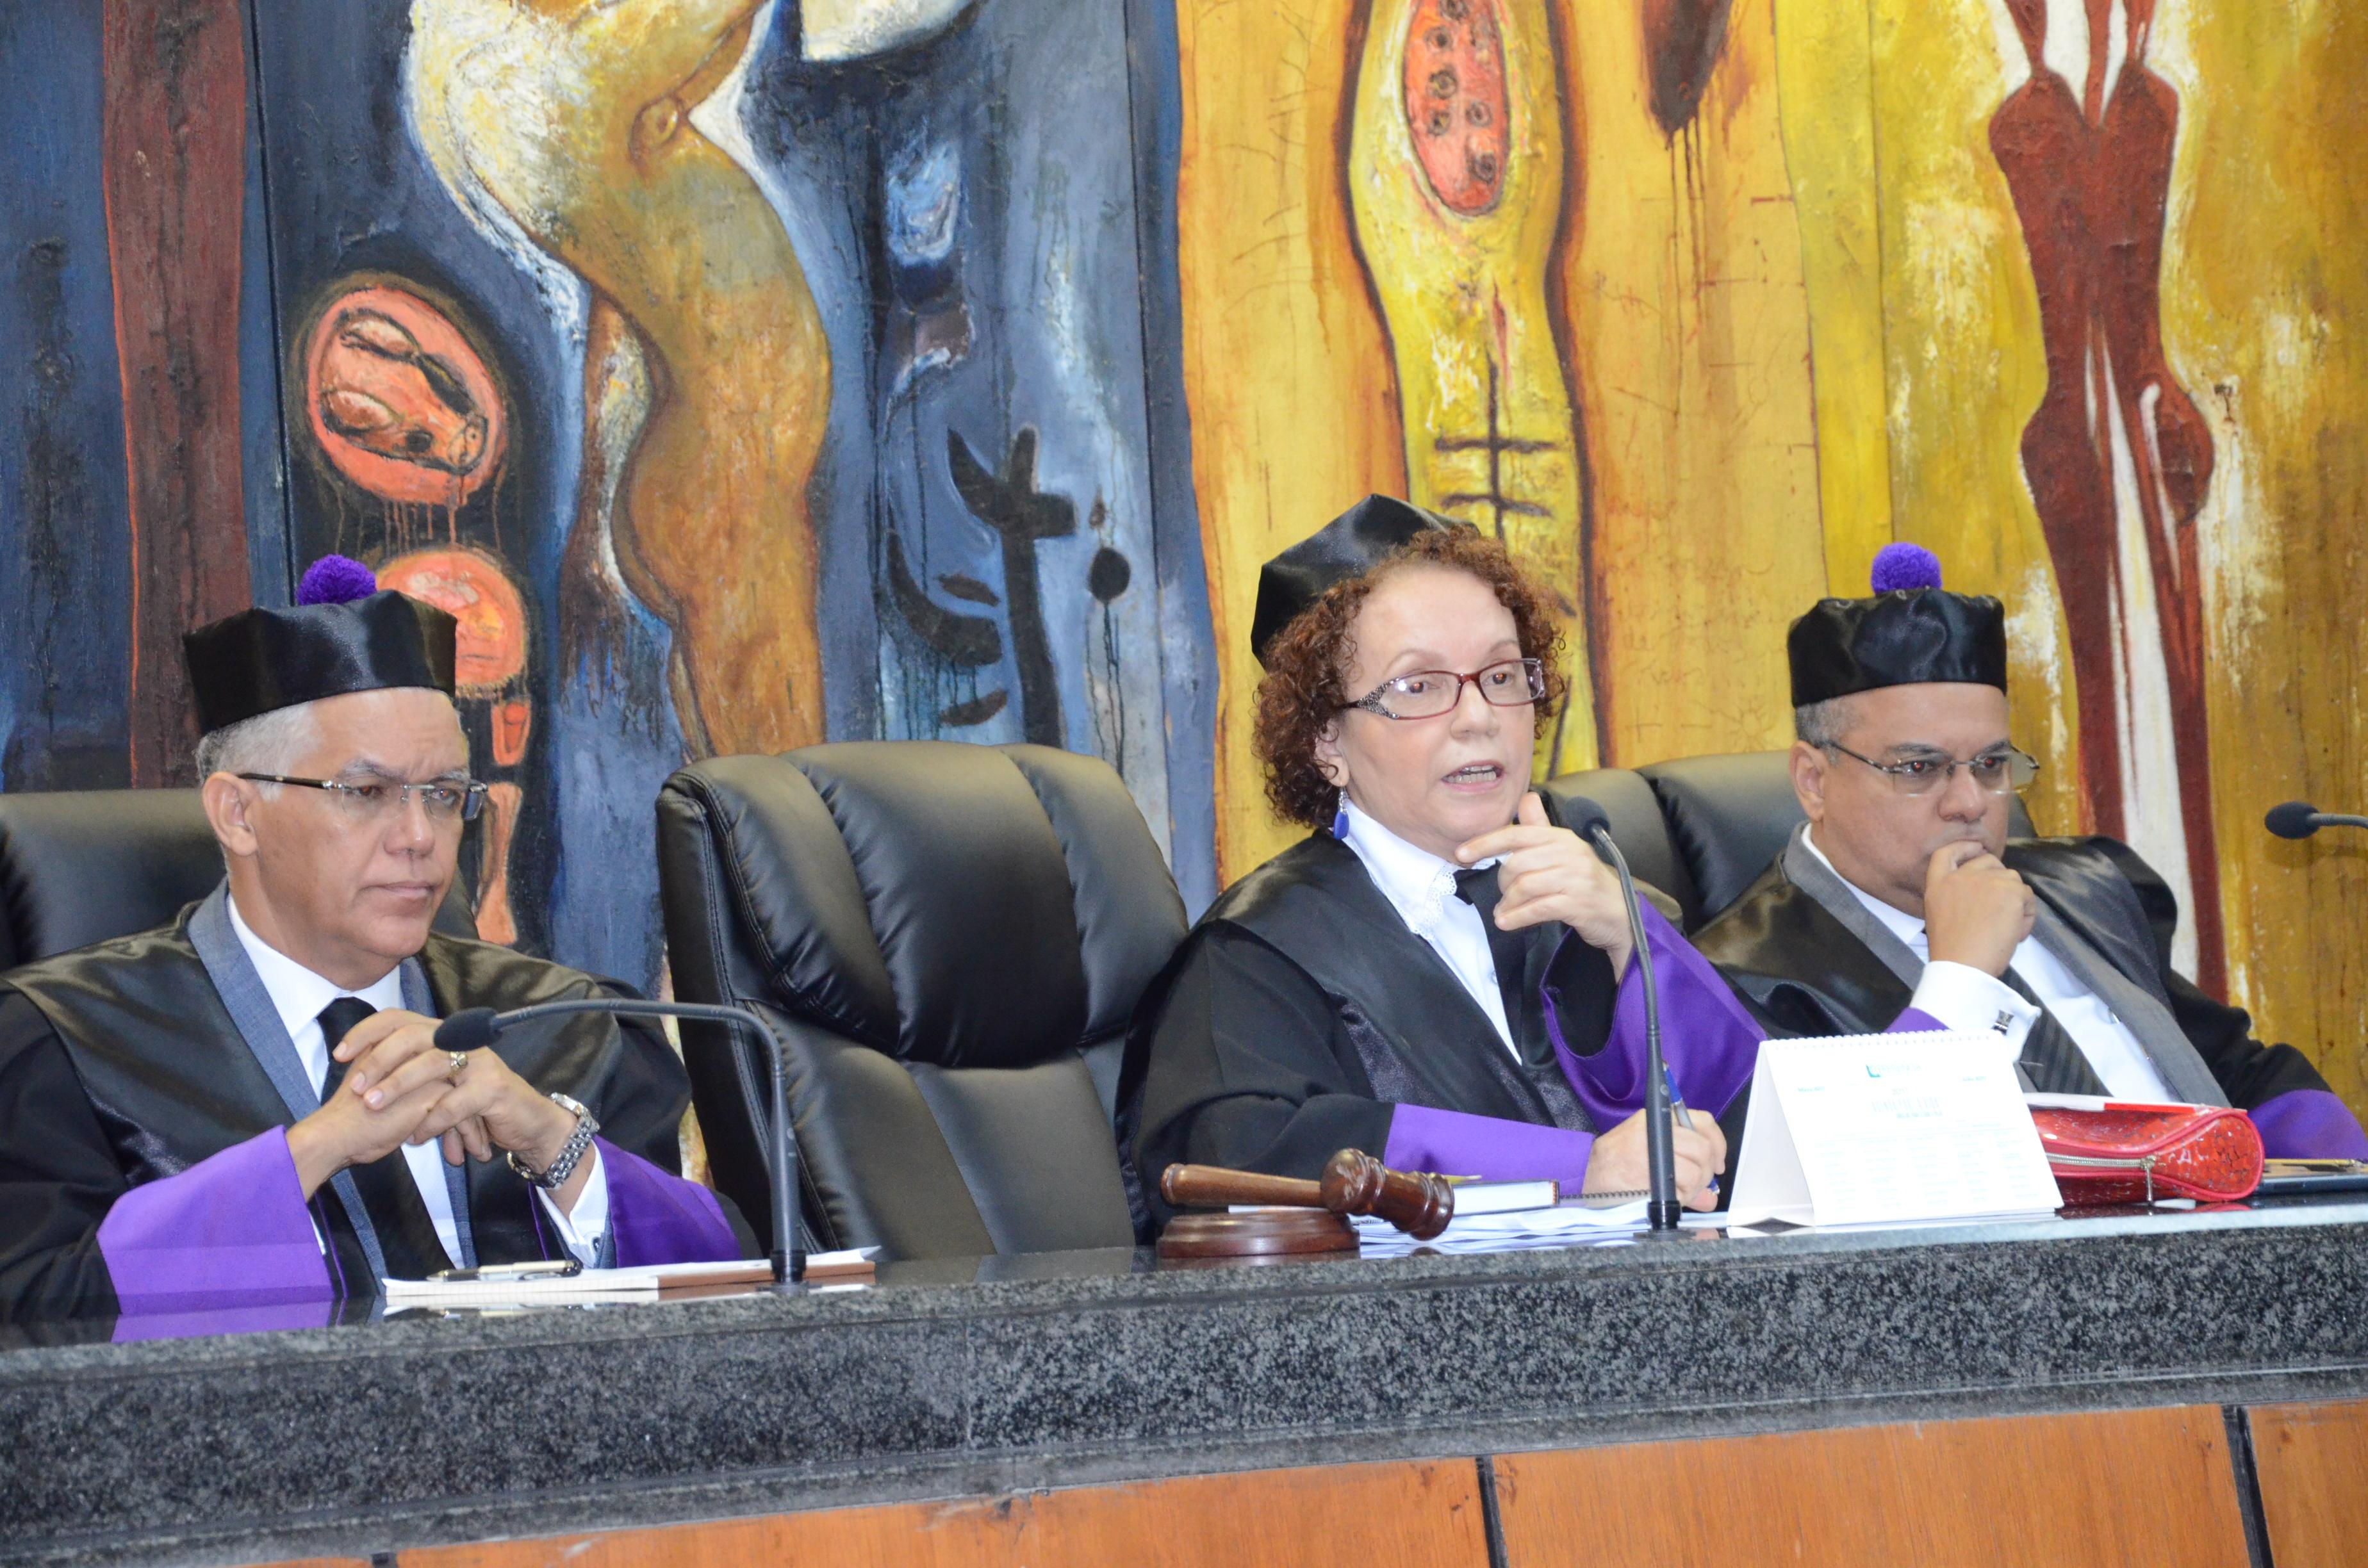 Reinicia recurso de apelación a imputados del caso Odebrecht Y AL FINAL LO MISMO SUELTO TODOS AJAJAJAJAAJAJ